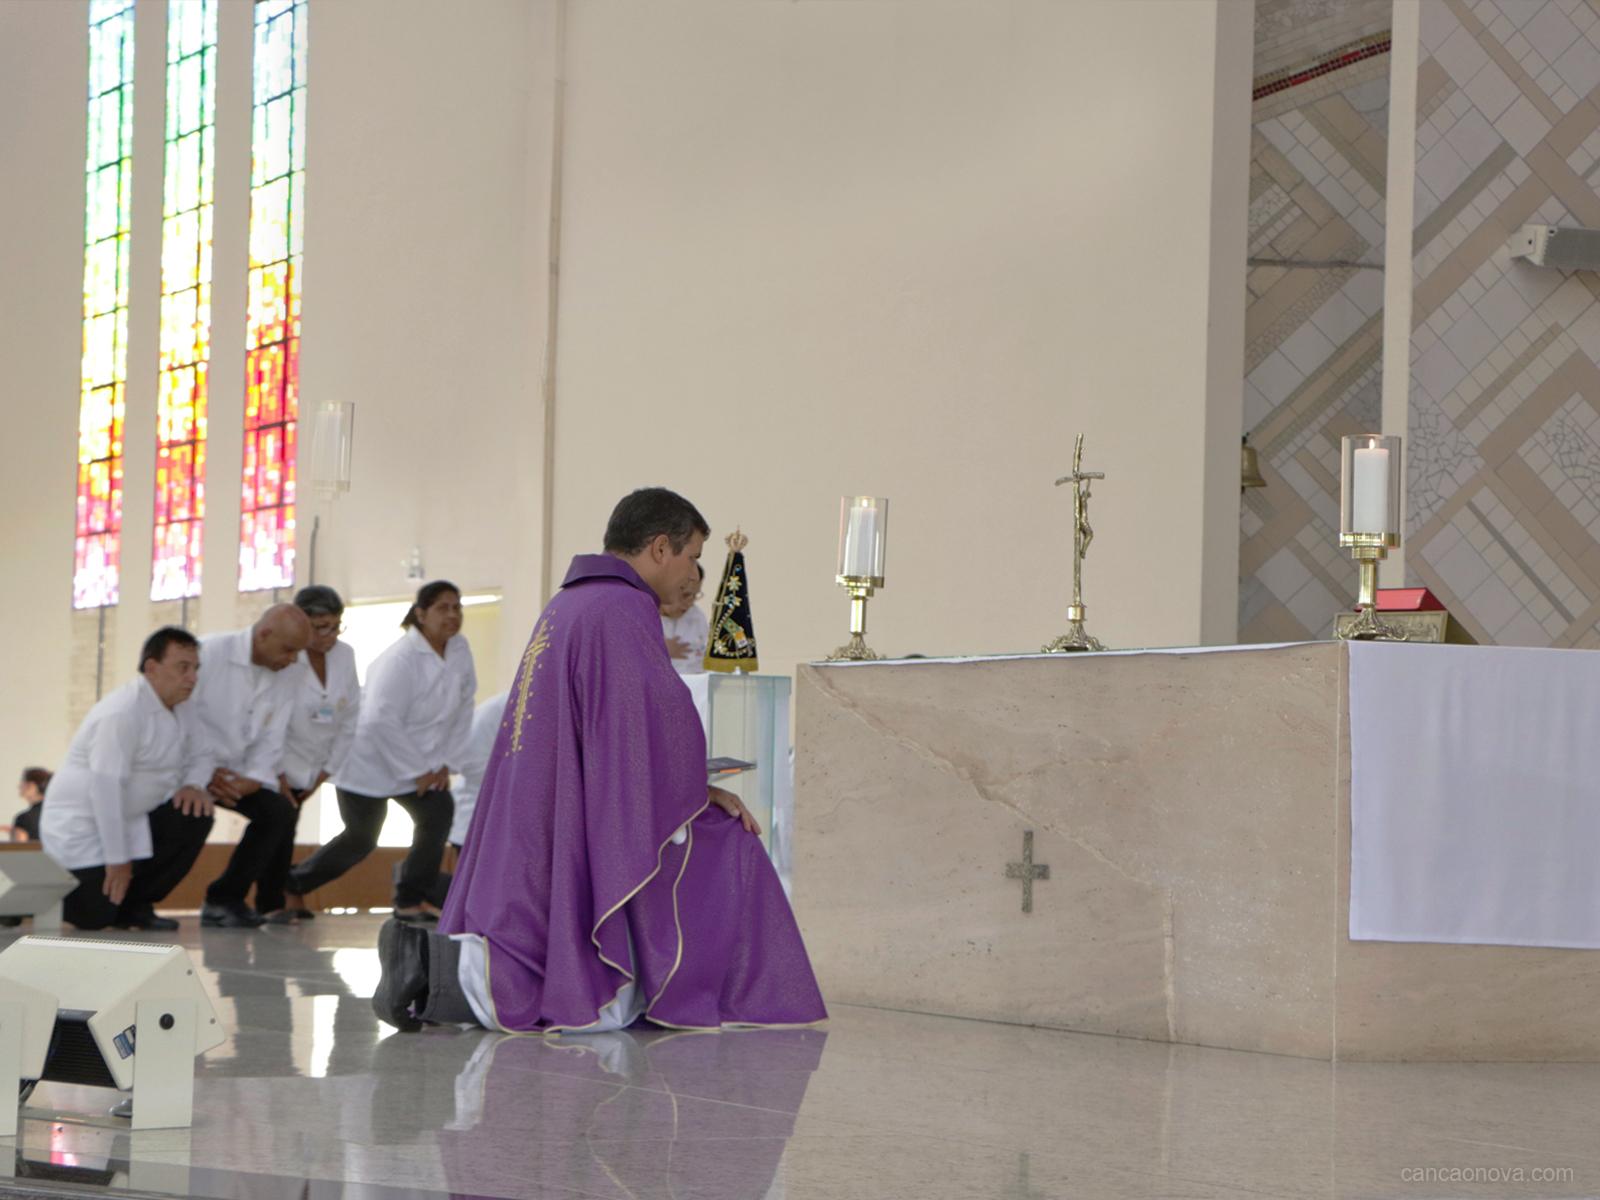 Por que as pessoas se inclinam quando passam diante de uma capela ou altar